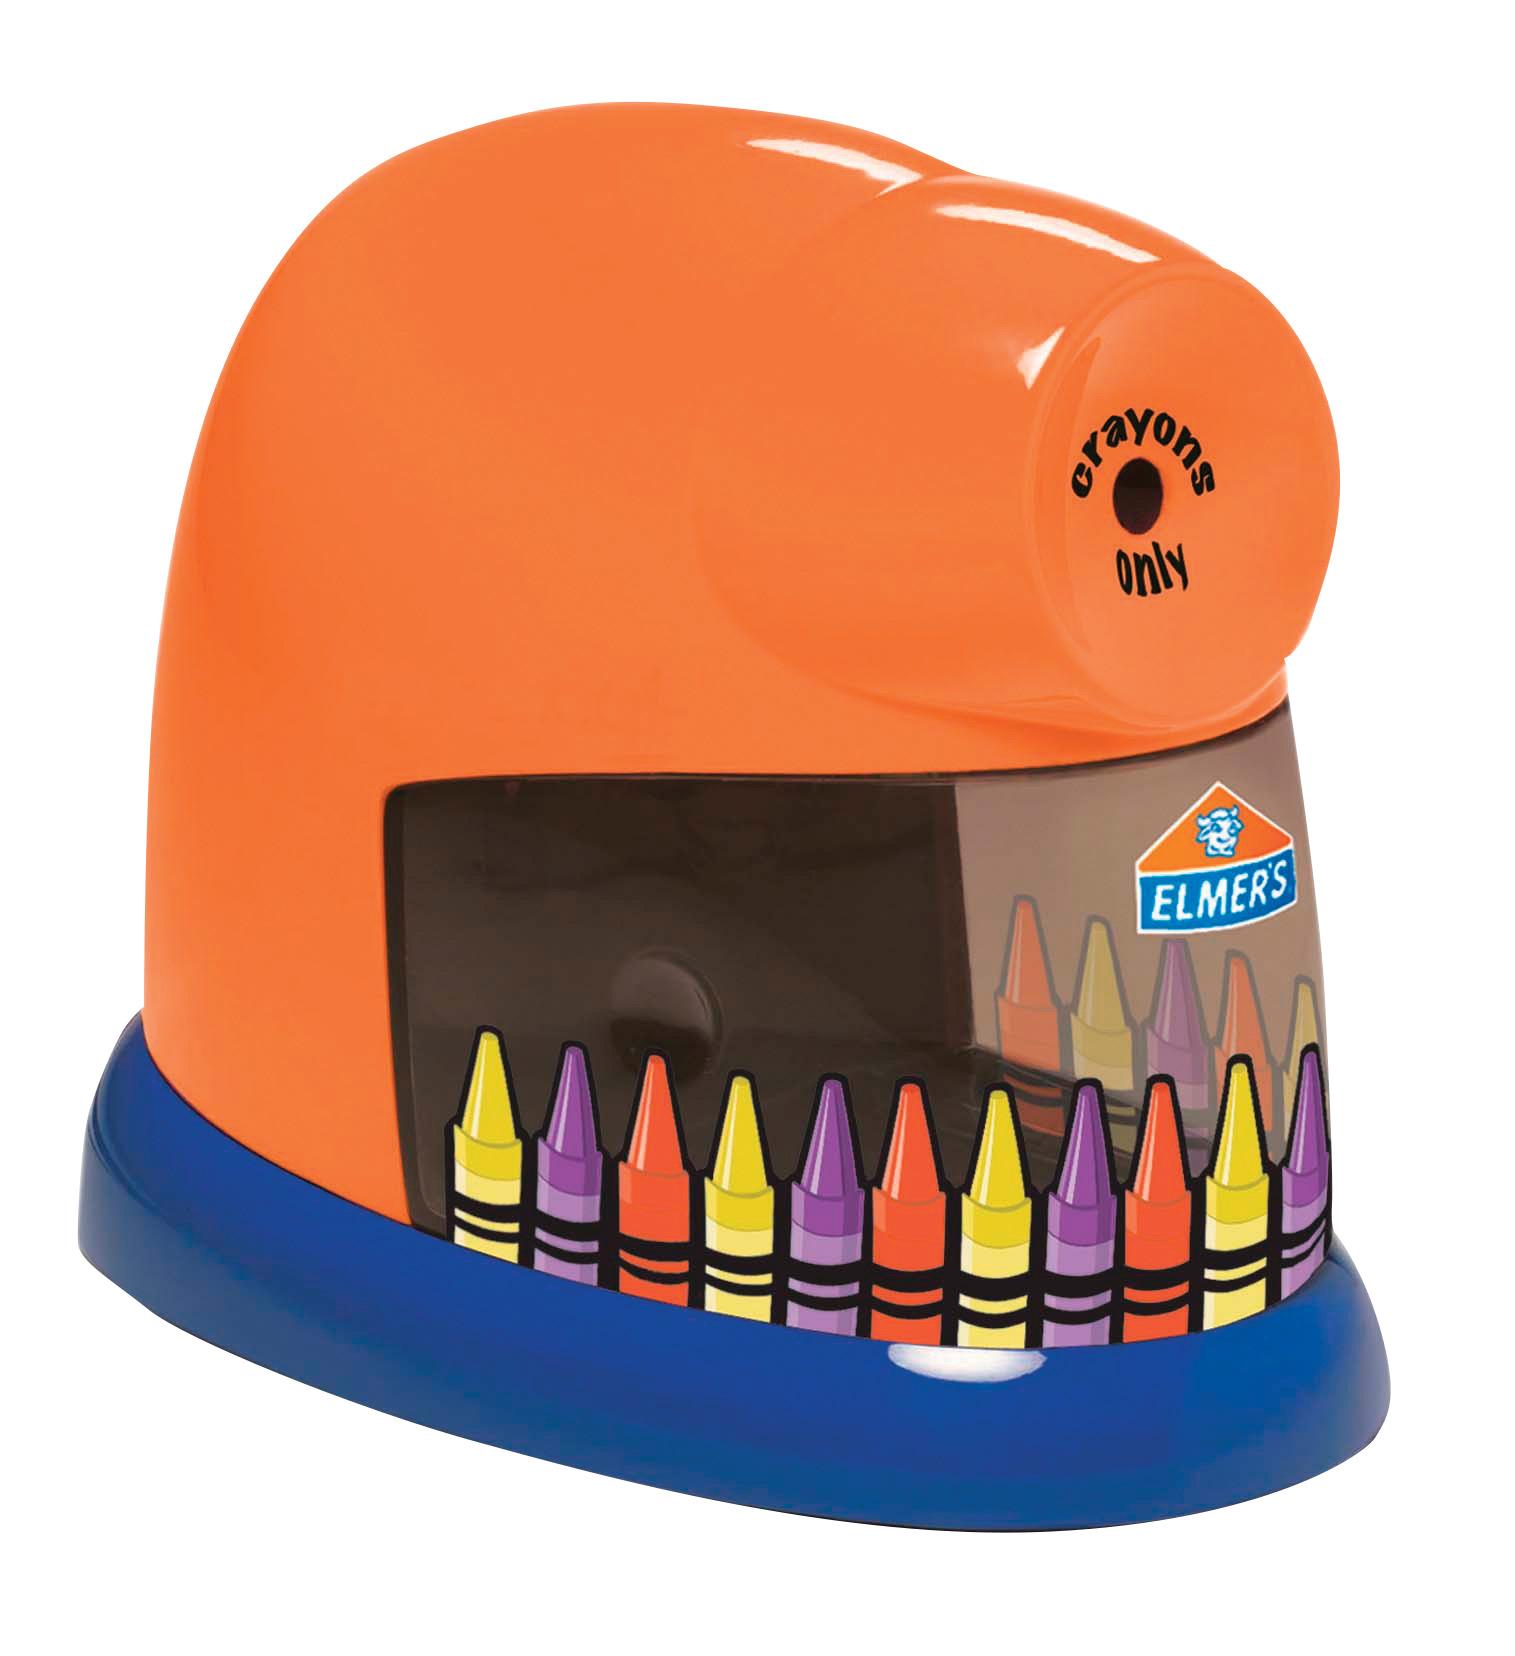 Elmer's CrayonPro Electric Crayon Sharpener w/ Replacable Blade